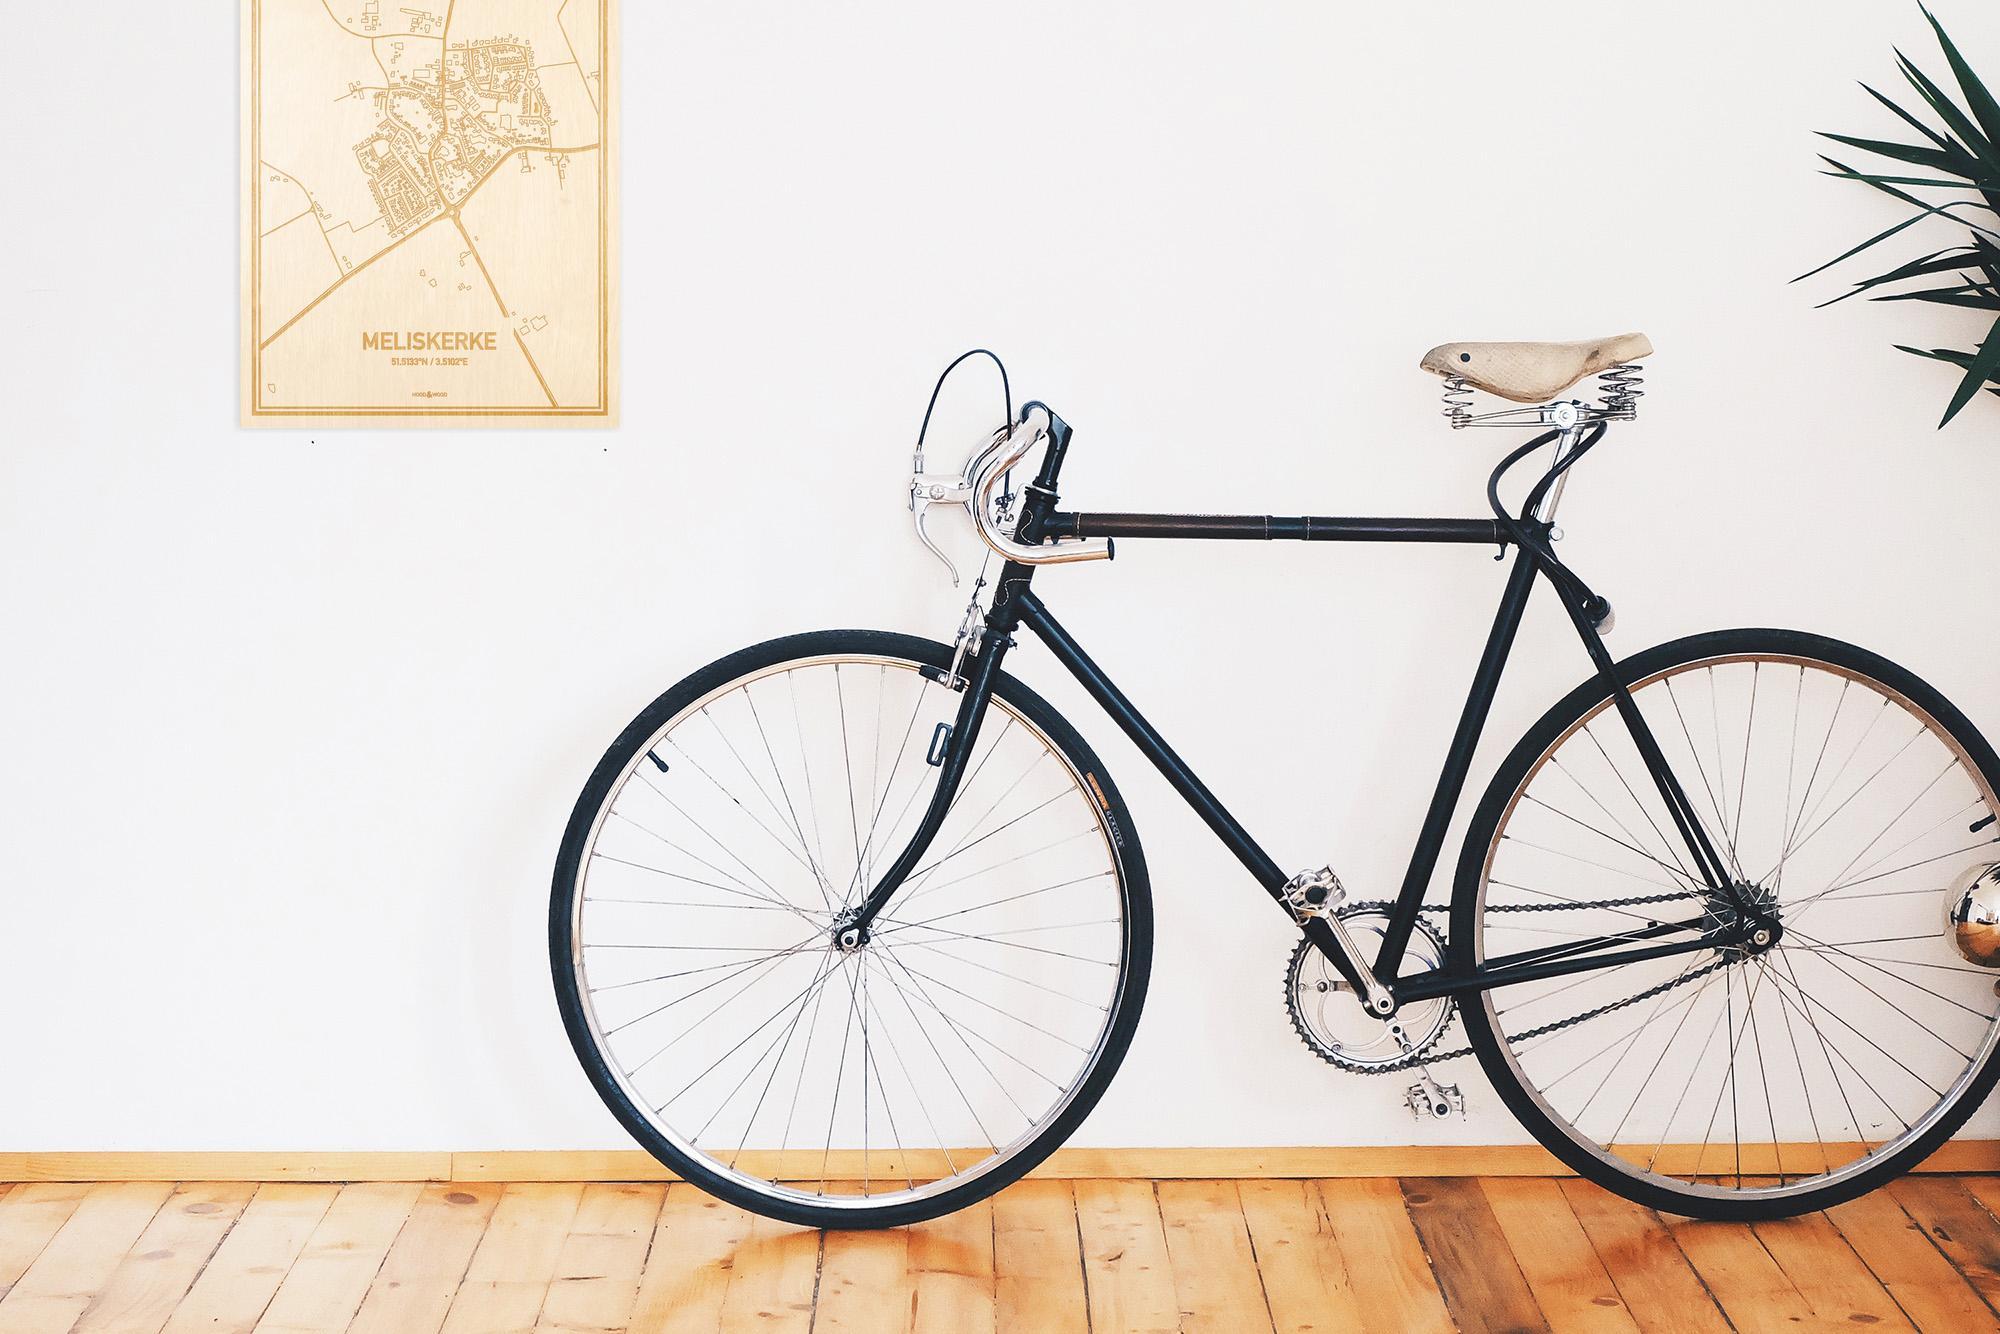 Een snelle fiets in een uniek interieur in Zeeland met mooie decoratie zoals de plattegrond Meliskerke.